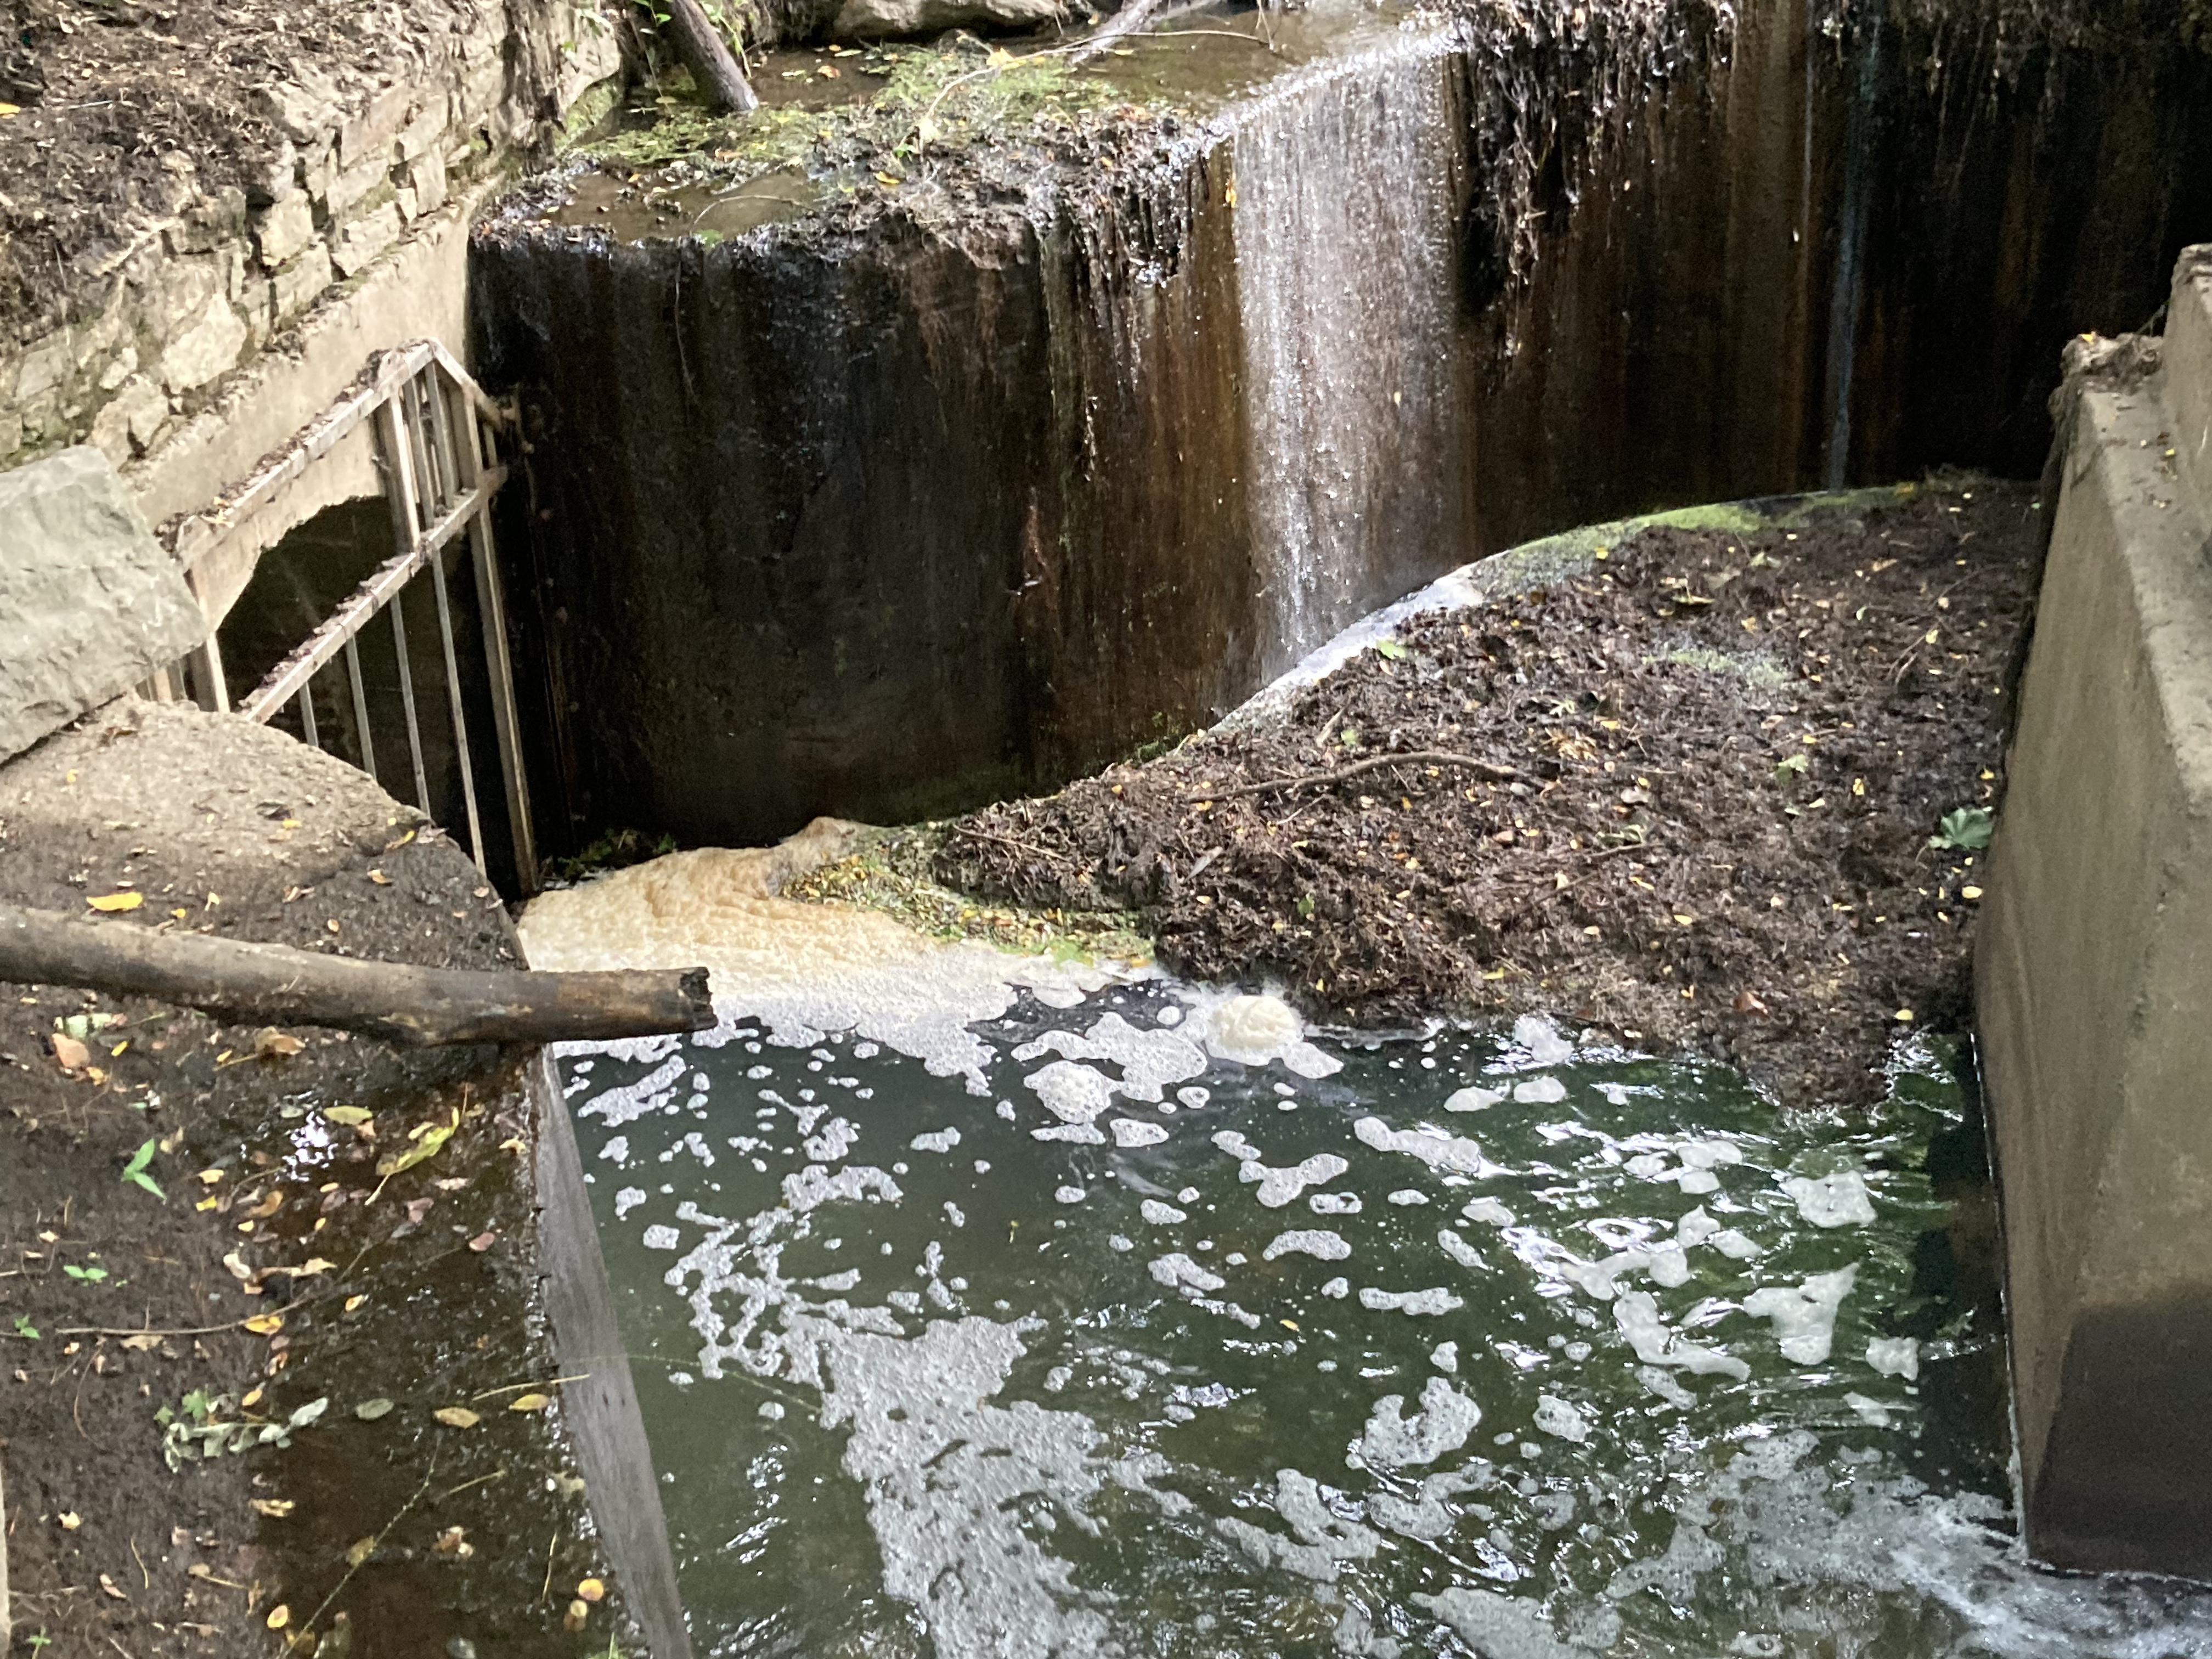 آب پارک دریاچه وان کورتلند از این زهکشی به فاضلاب برادوی می رود.